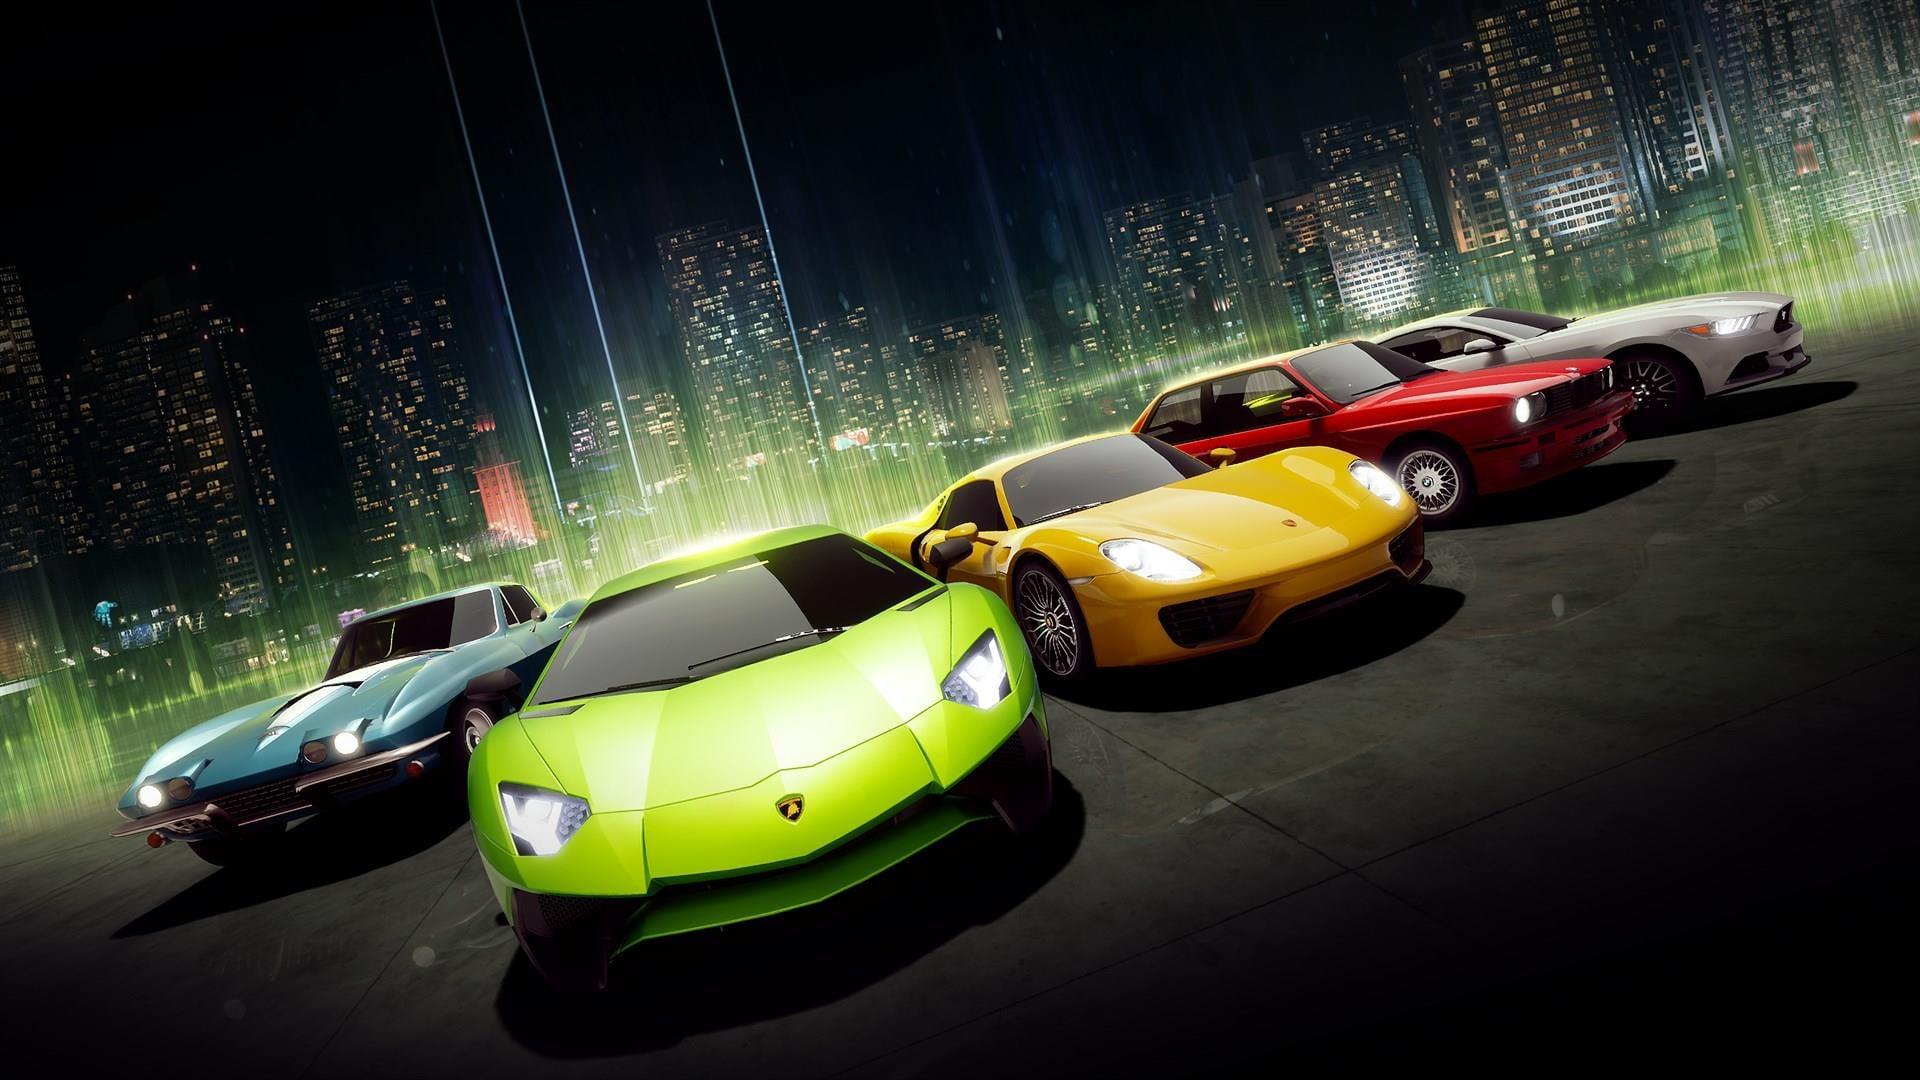 Forza Street tựa game đua xe hoàn toàn miễn phí của Microsoft trên Windows 10, mời anh em tải về